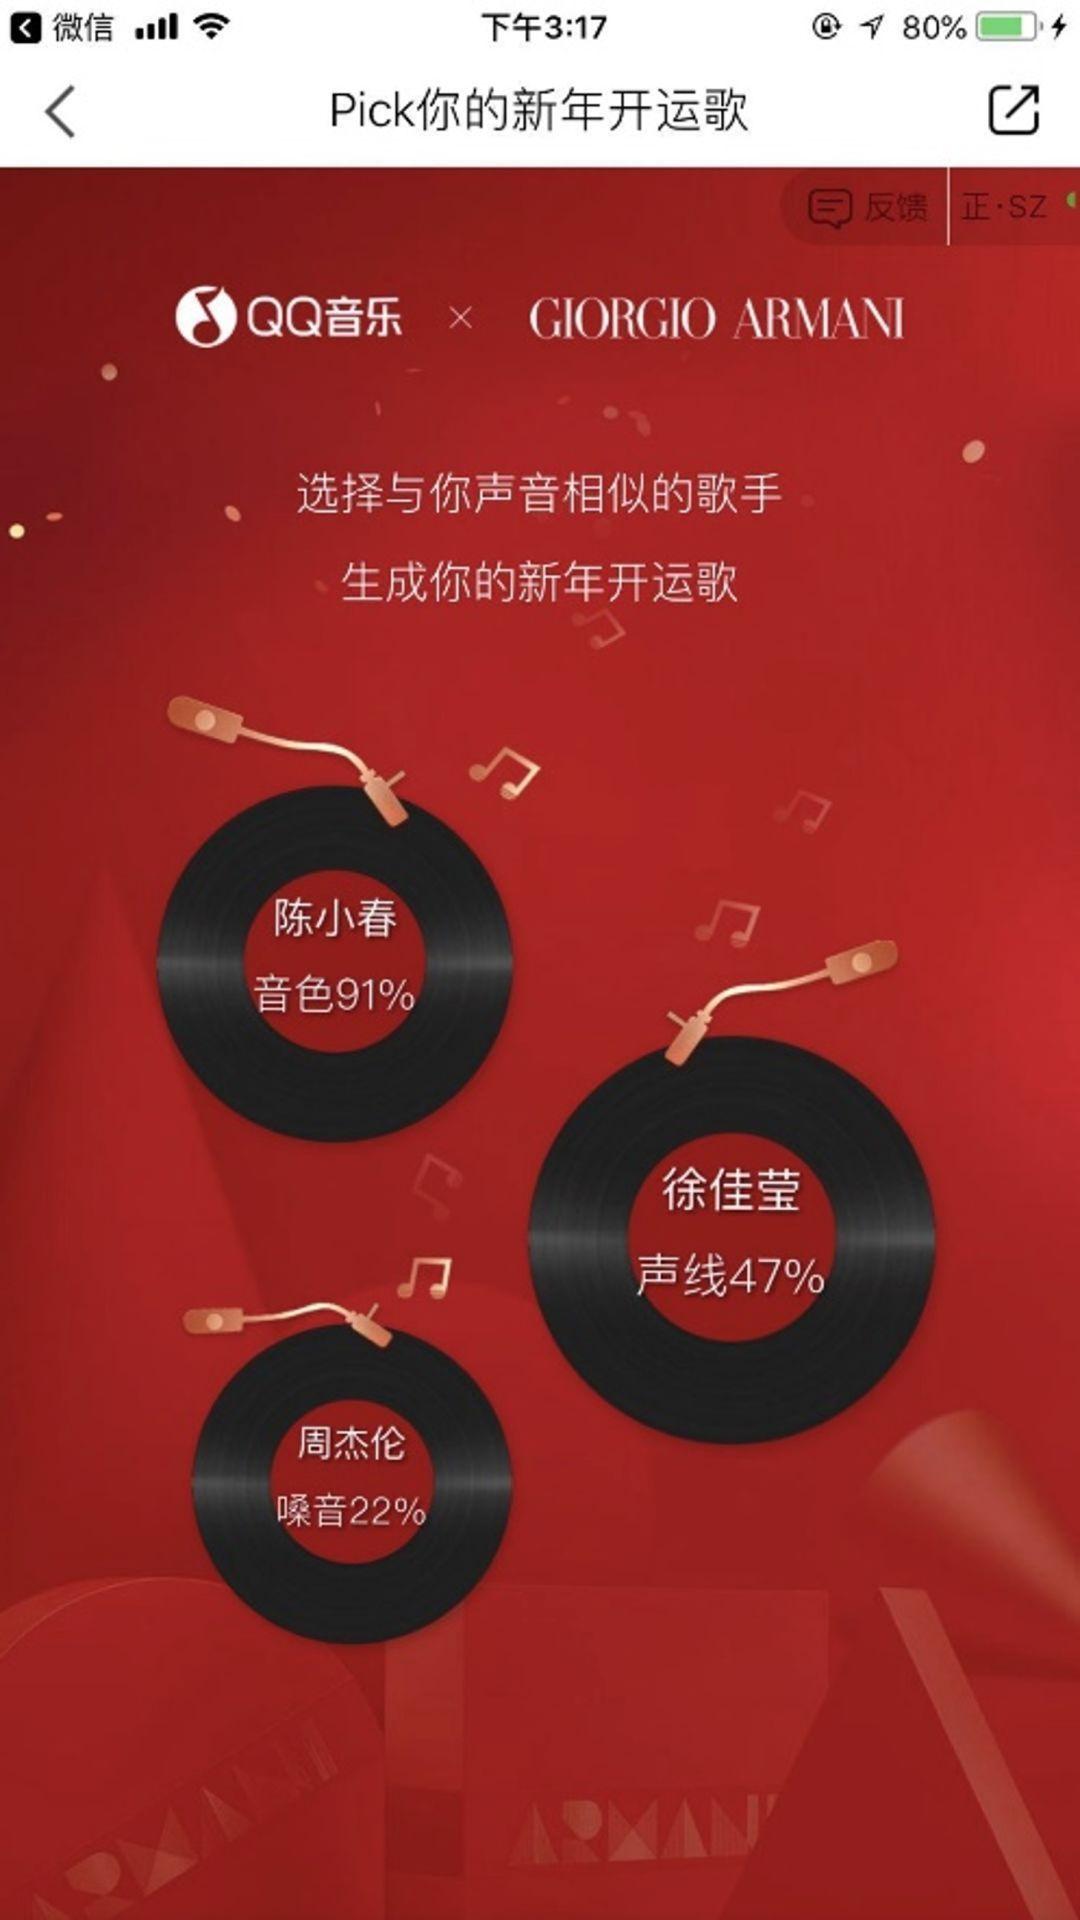 让年轻用户发现自我,QQ音乐用智能语音识别引爆品牌社交传播(图1)